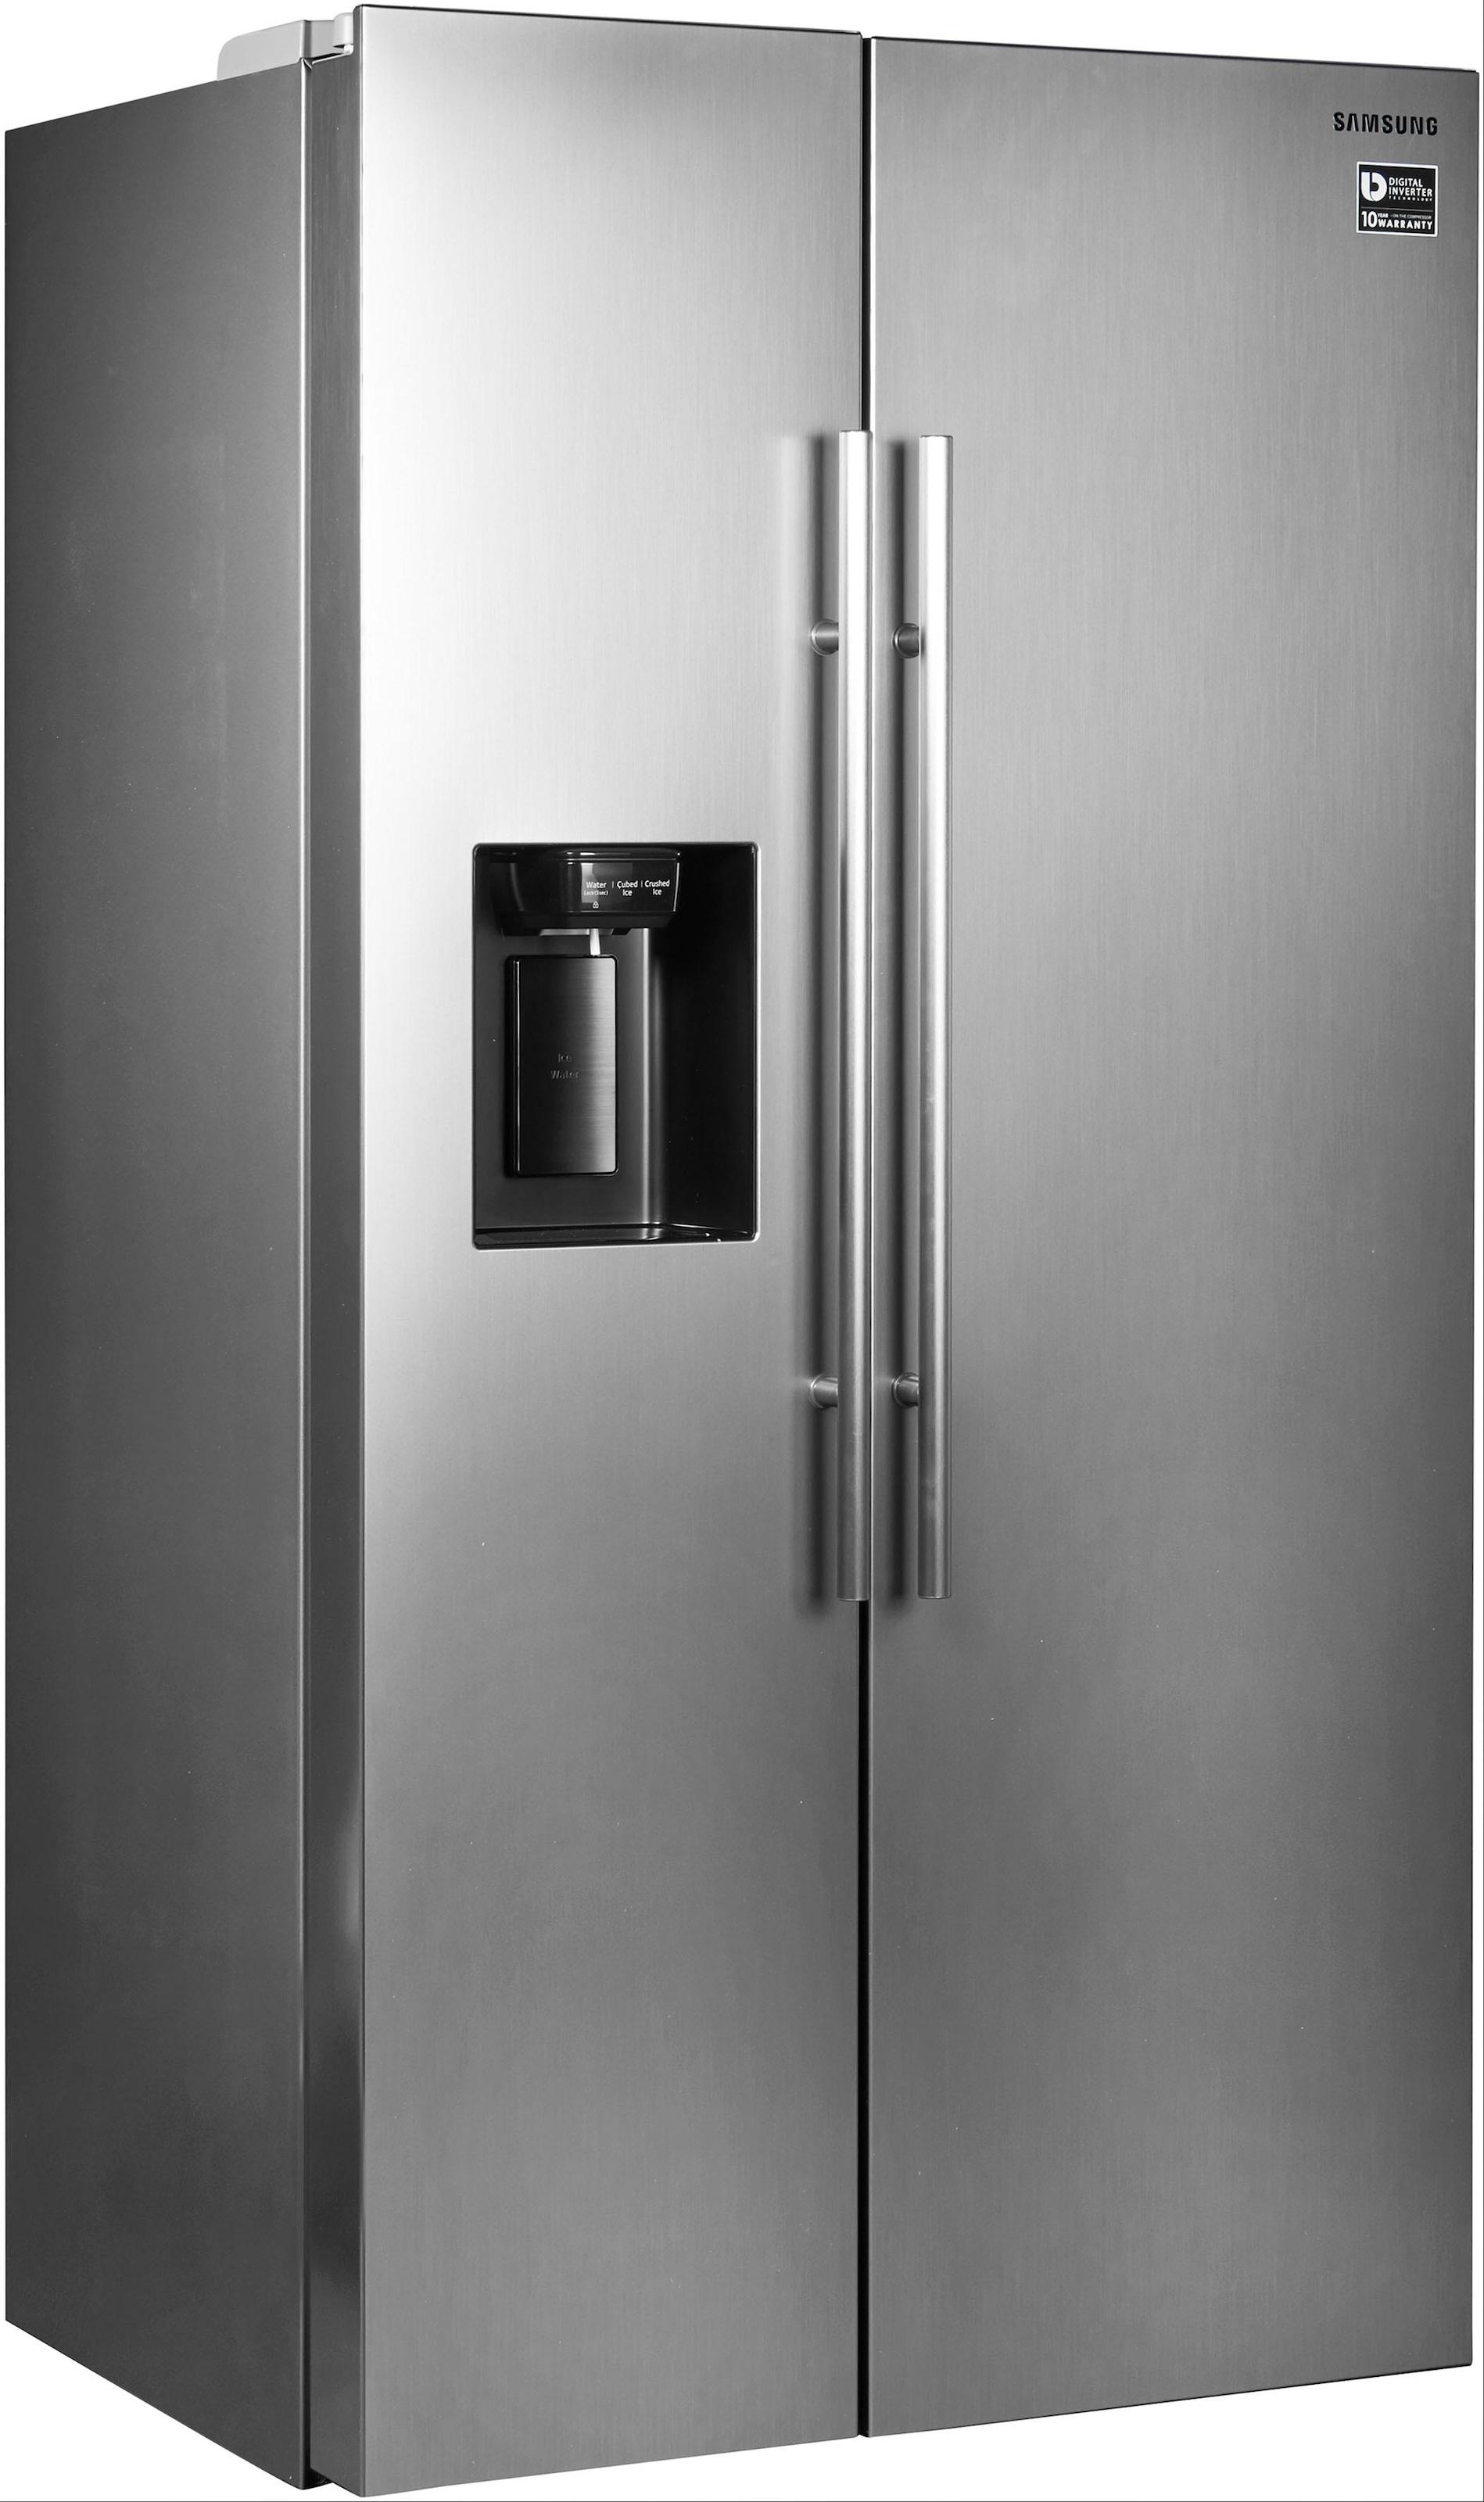 Smeg Kühlschrank Preisvergleich : Smeg kühlschrank günstig smeg scd imx kombi standherd